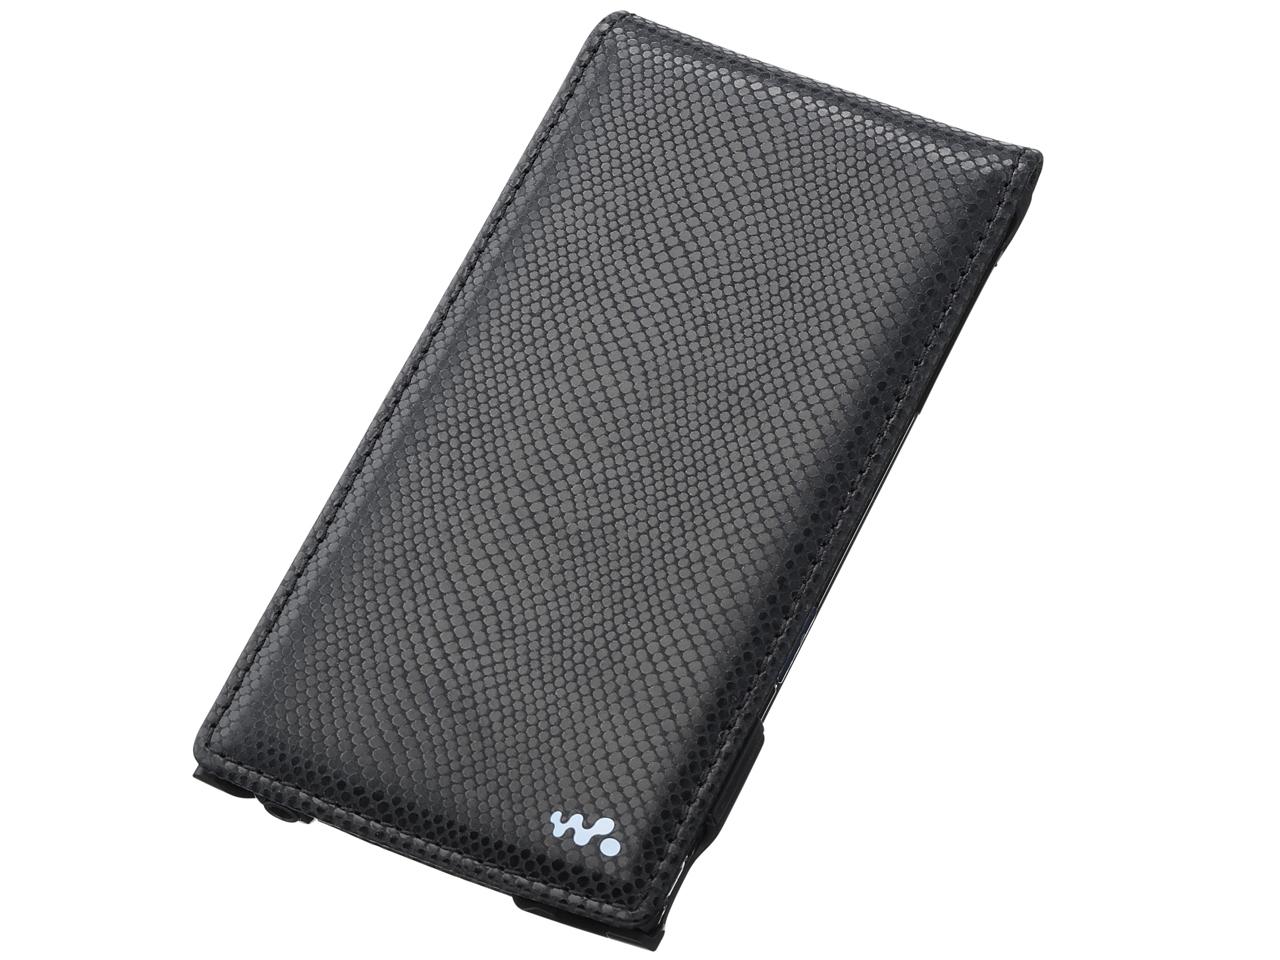 чехол для плеера Sony NW-z1050 CKL-nwz1000 Sony/z1060 z1070 специальный кожаный рукав 4,3 дюйма